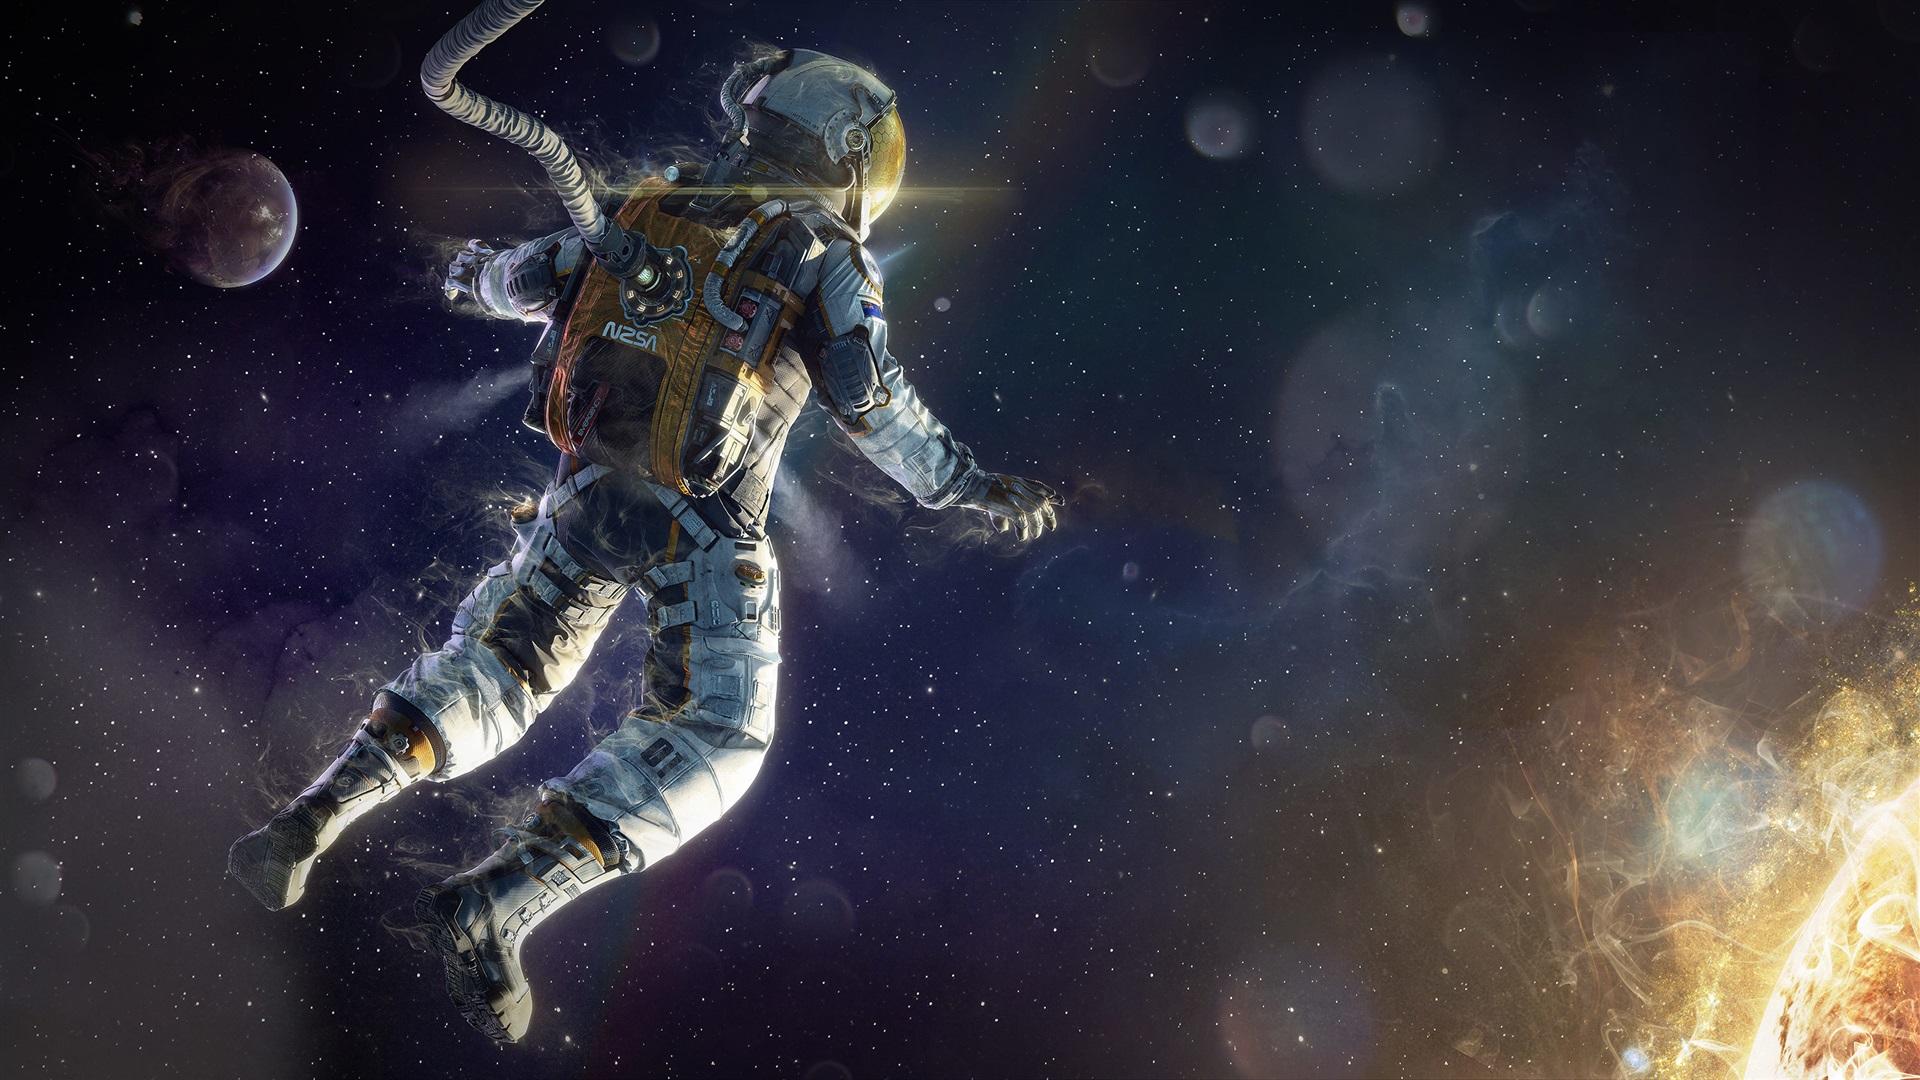 Astronauta Flotando En El Espacio Exterior: Astronauta Flotando En El Espacio, Planetas, Estrellas